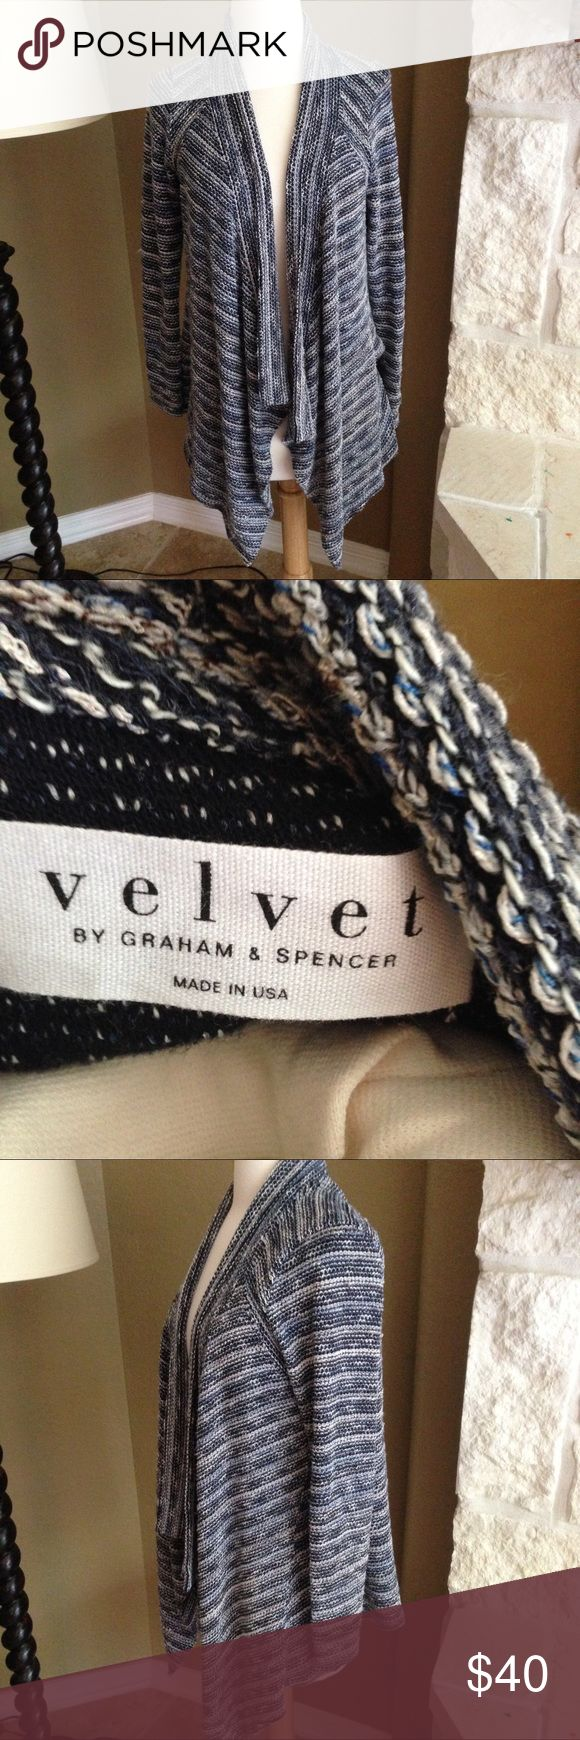 Velvet Graham Spencer Open Front Cardigan S Velvet Graham Spencer Open Front Cardigan S. Please ask questions before you buy, thanks! Velvet by Graham & Spencer Sweaters Cardigans